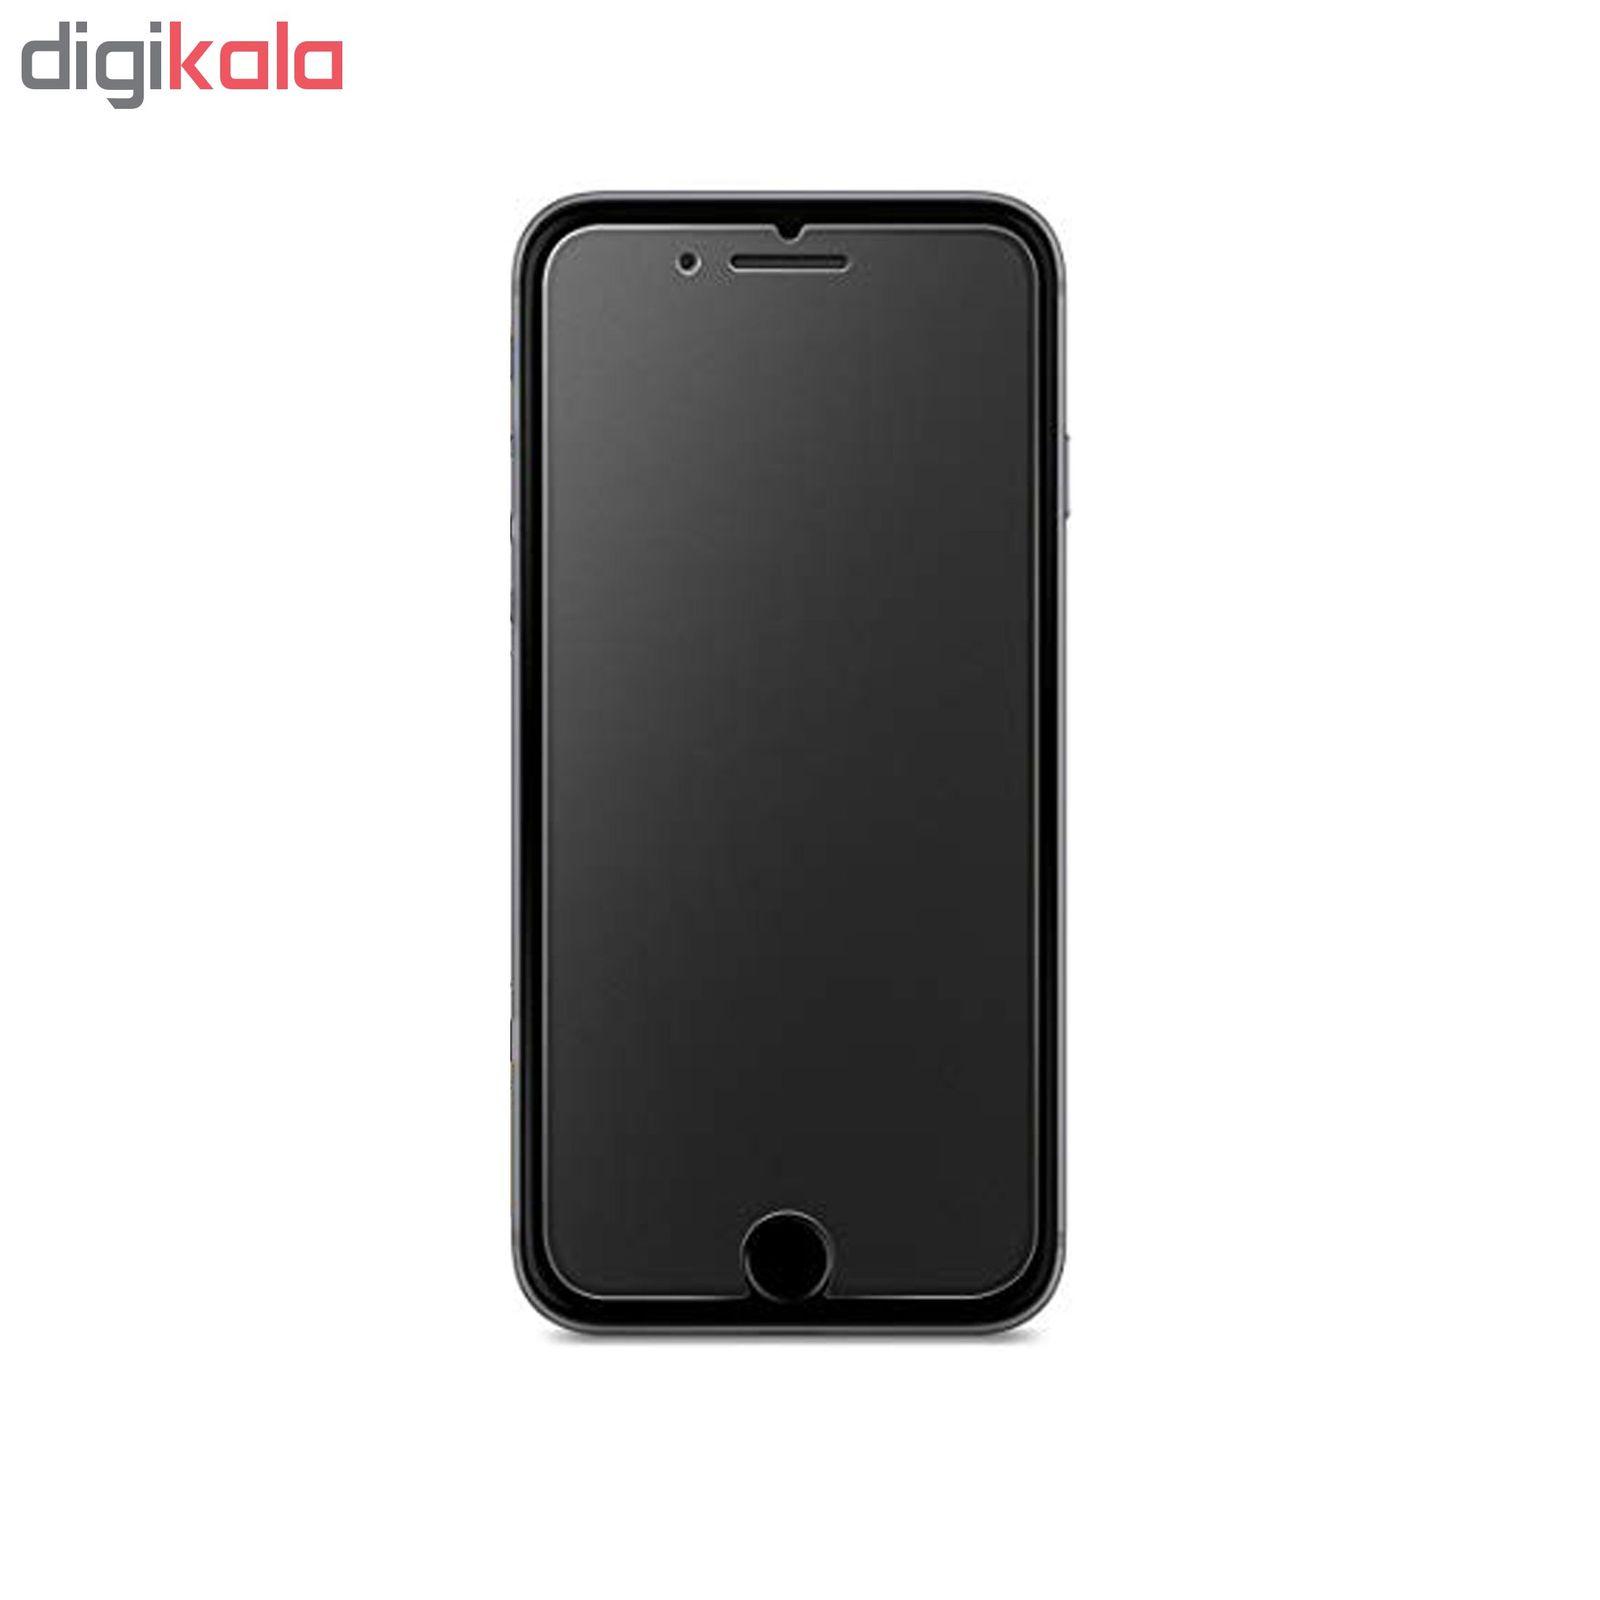 محافظ صفحه نمایش و پشت گوشی مدل Tm-01 مناسب برای گوشی موبایل اپل Iphone 6/ 6s main 1 7